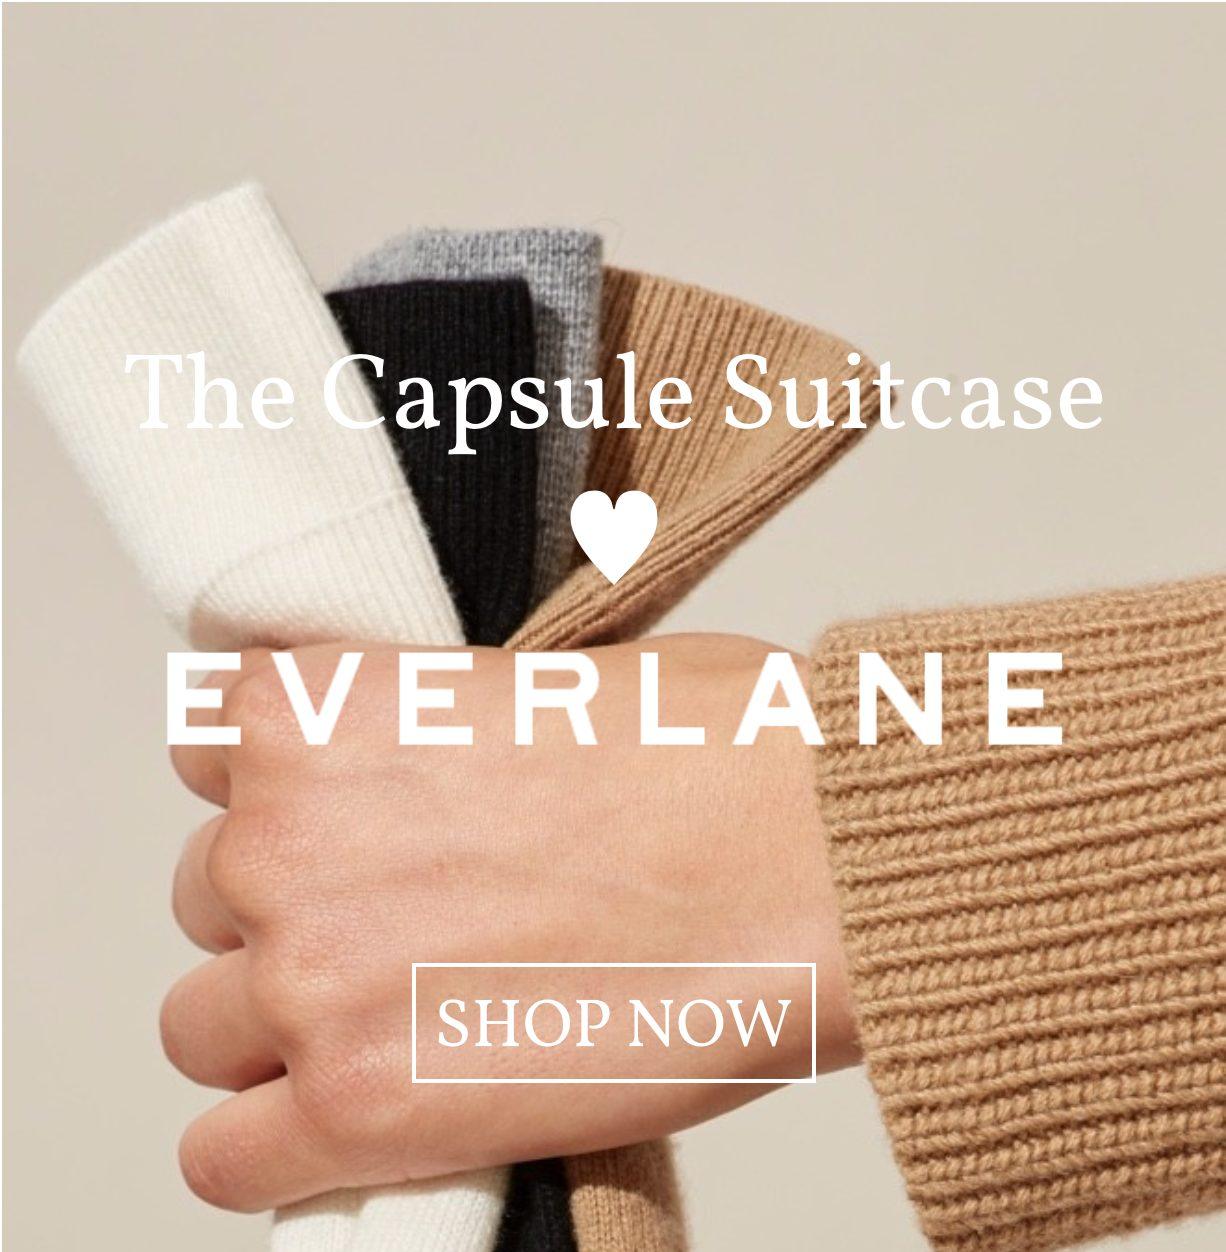 capsule suitcase loves everlane